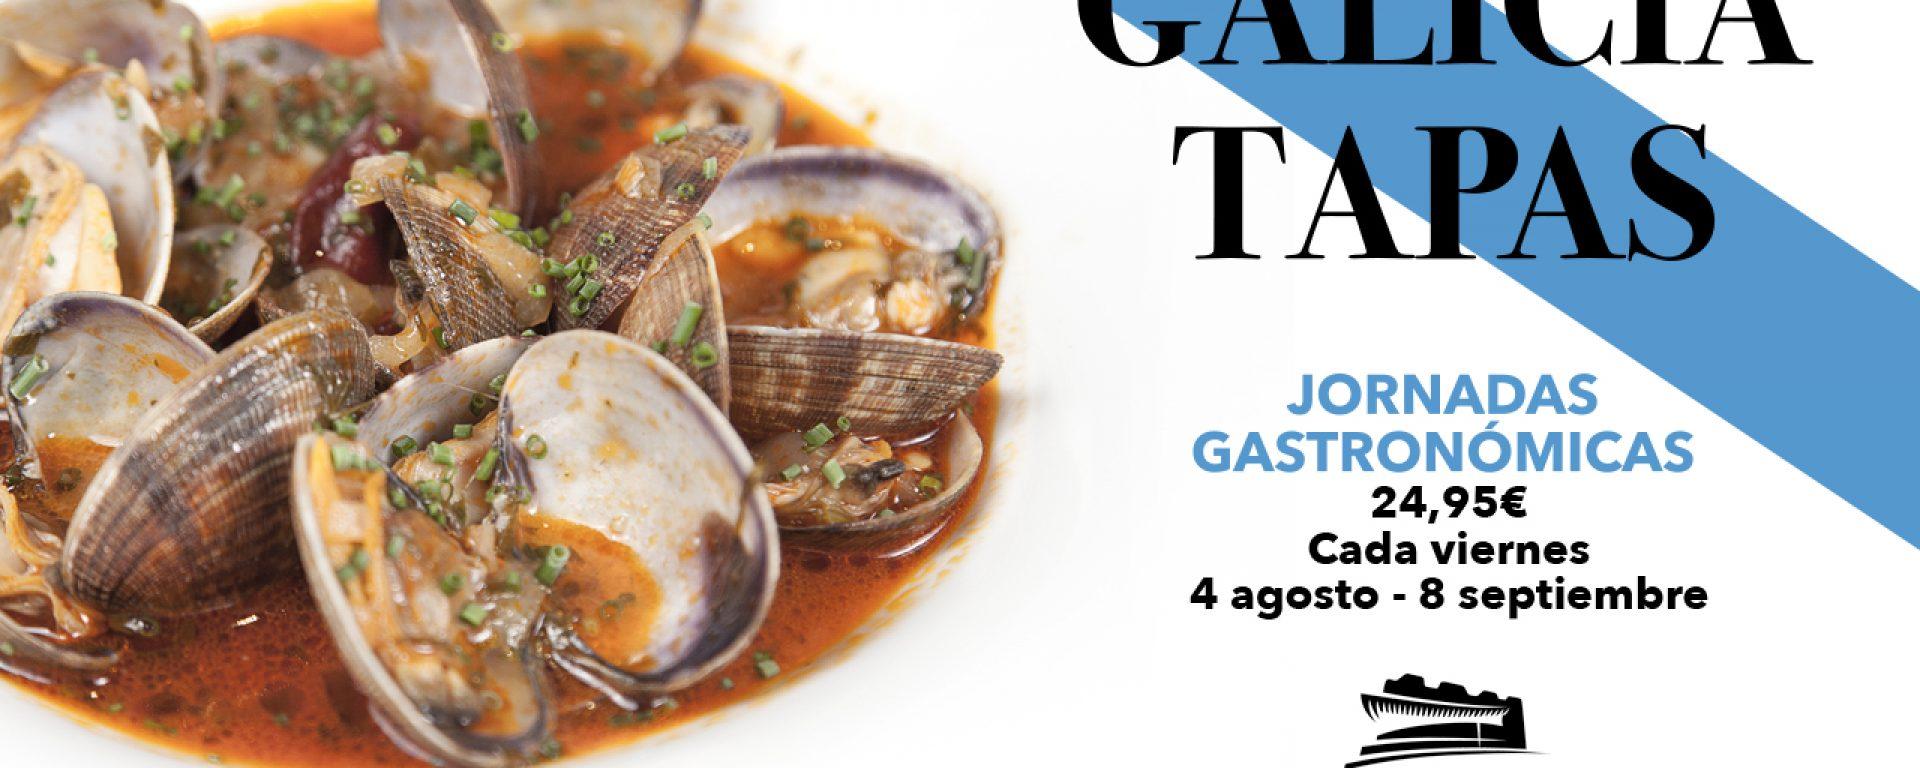 Galicia en tapas